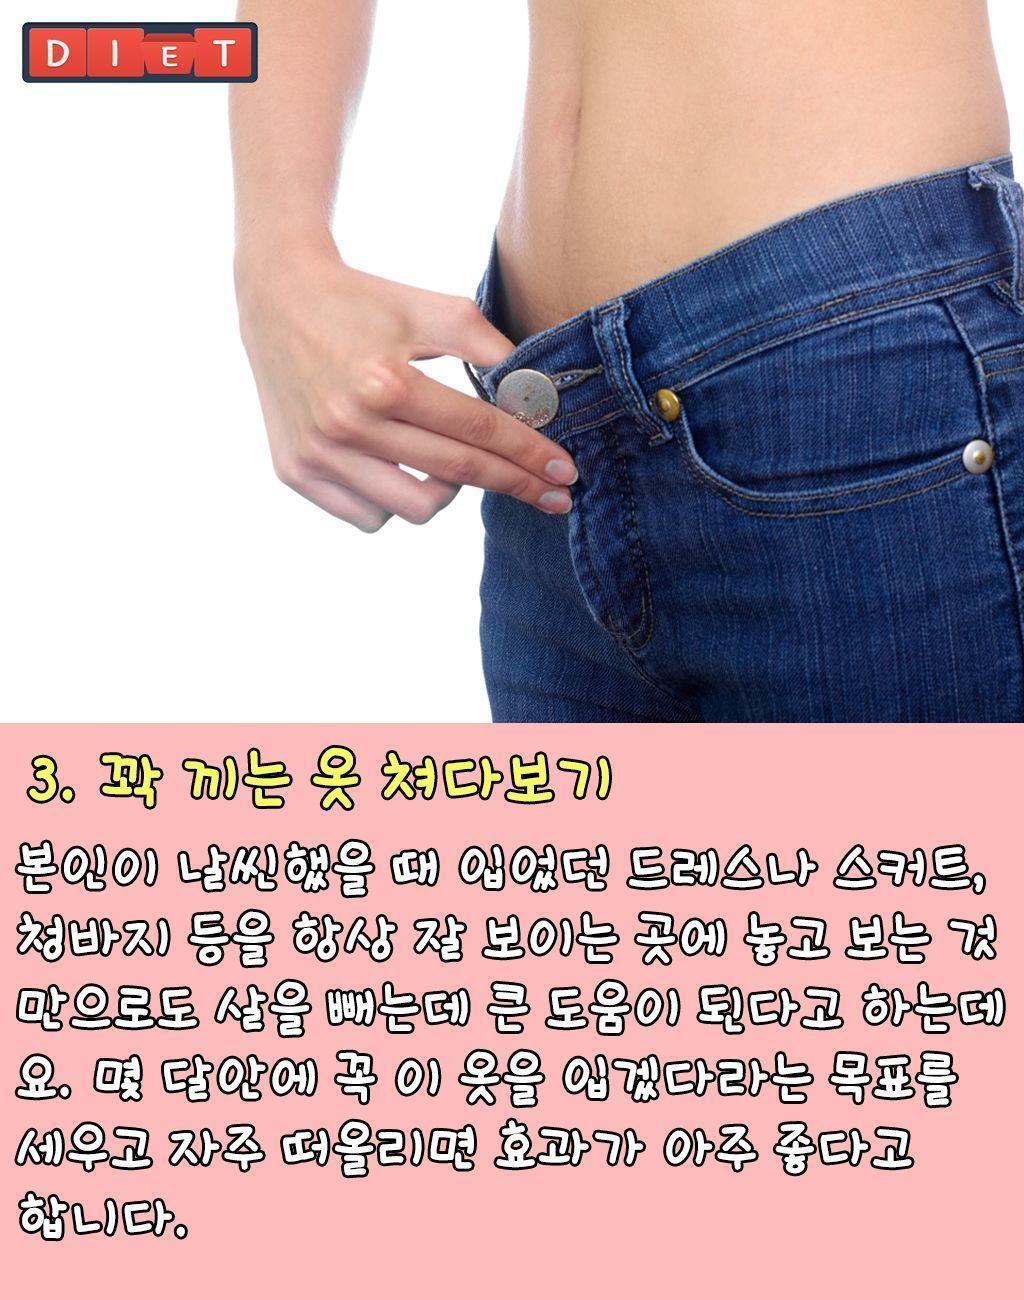 생활 속 다이어트 팁